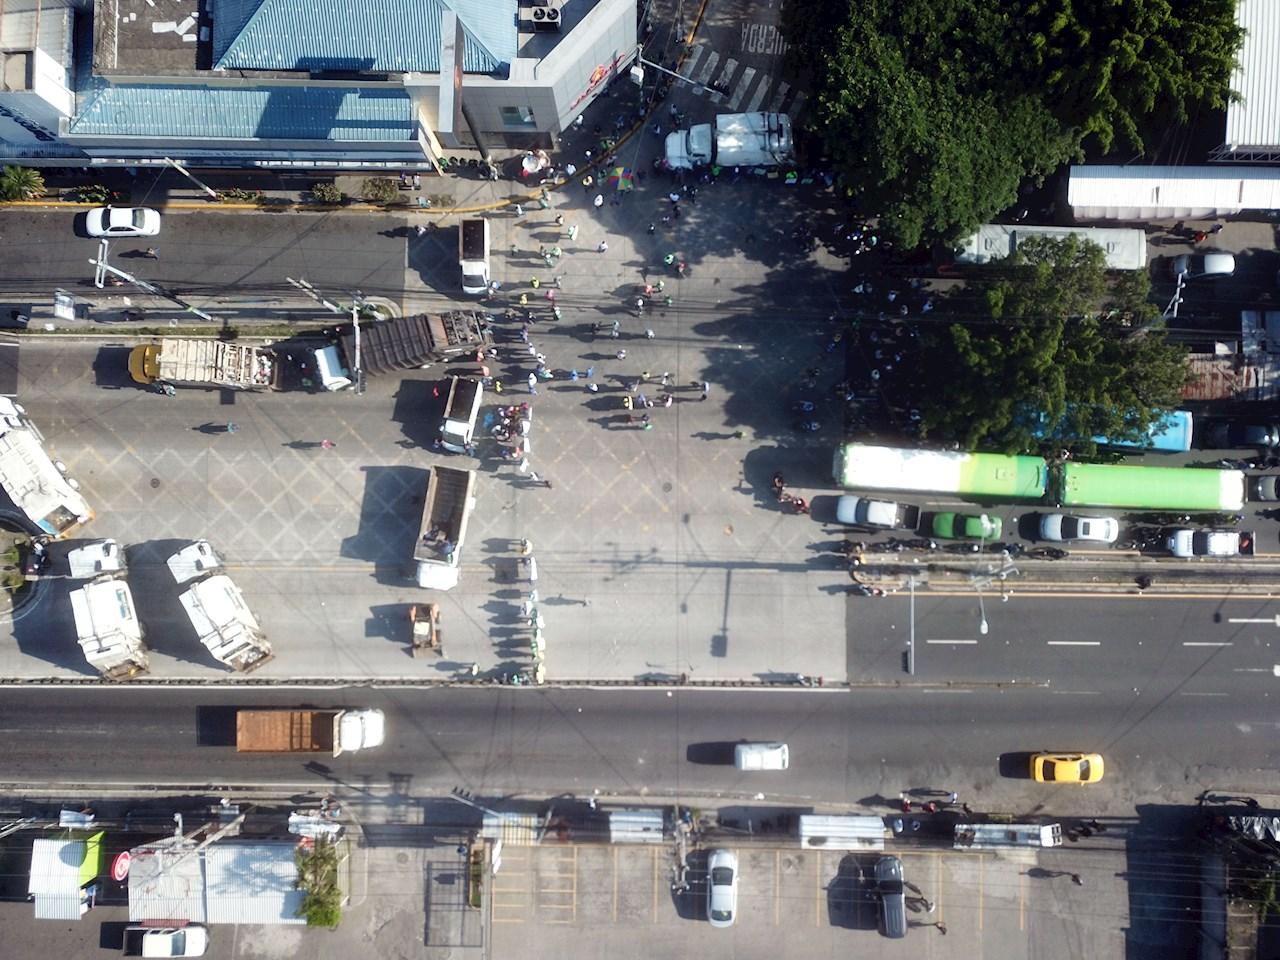 Incertidumbre en El Salvador para 2021 por su economía ya en recesión: Experto